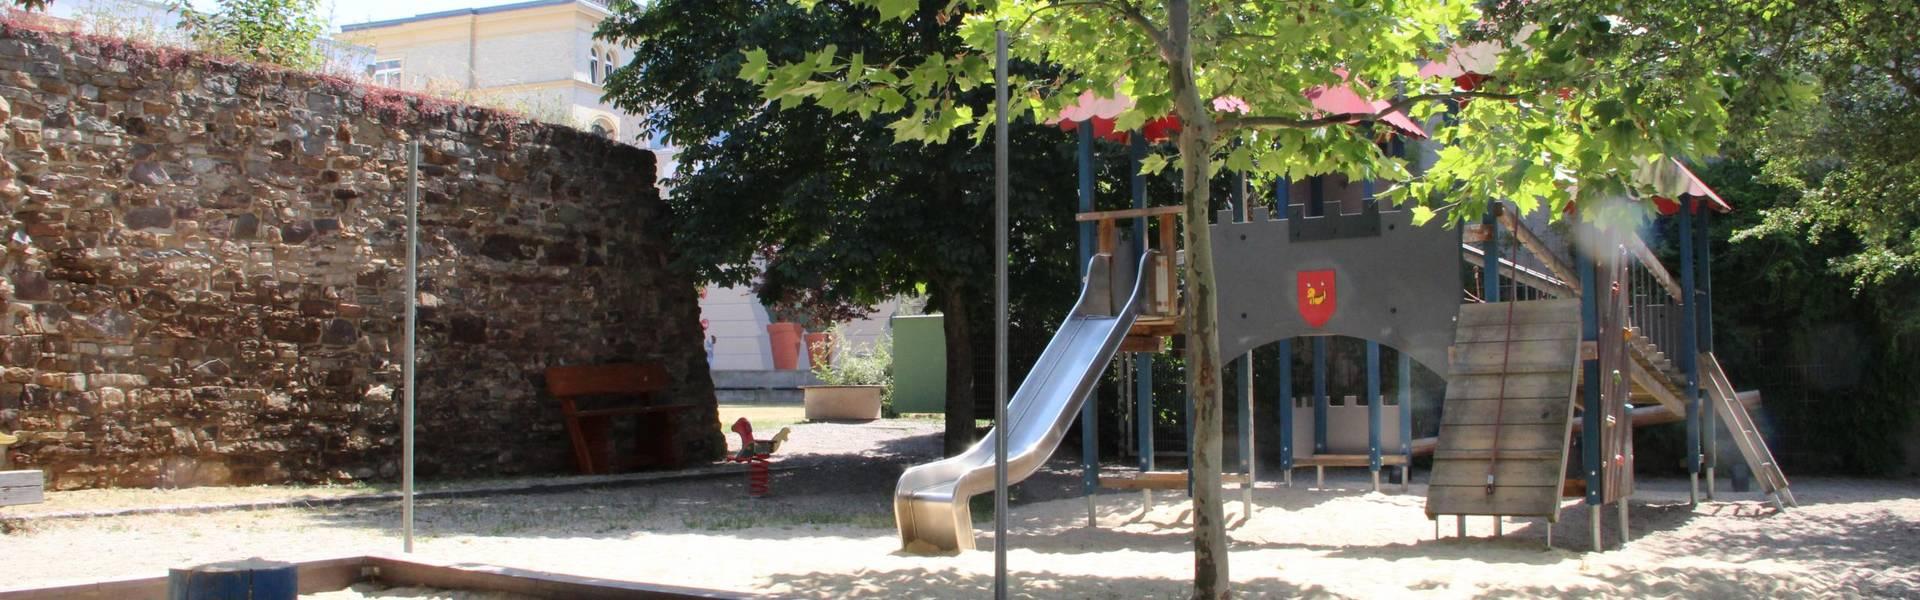 spielplatz entenplan stadt pößneck  ©Stadt Pößneck